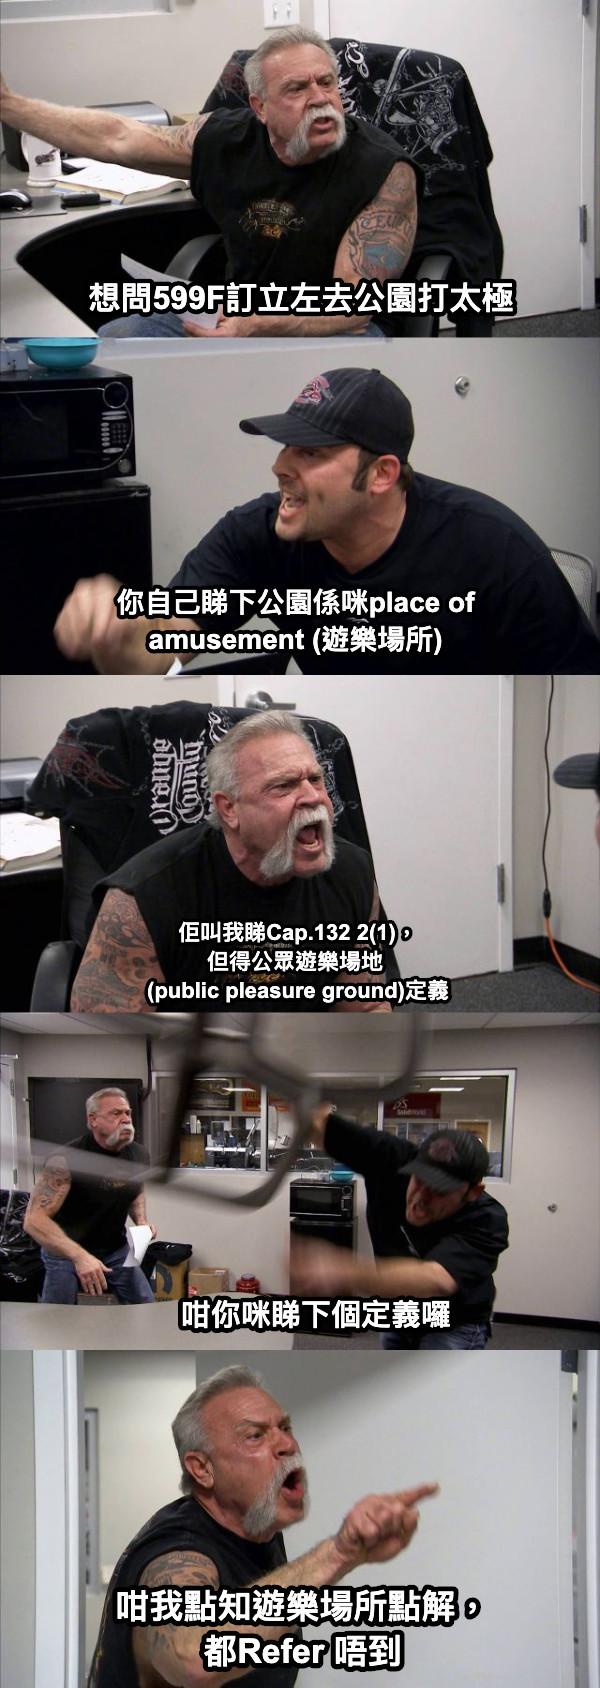 想問599F訂立左去公園打太極 你自己睇下公園係咪place of  amusement (遊樂場所)  佢叫我睇Cap.132 2(1), 但得公眾遊樂場地  (public pleasure ground)定義 咁你咪睇下個定義囉 咁我點知遊樂場所點解, 都Refer 唔到